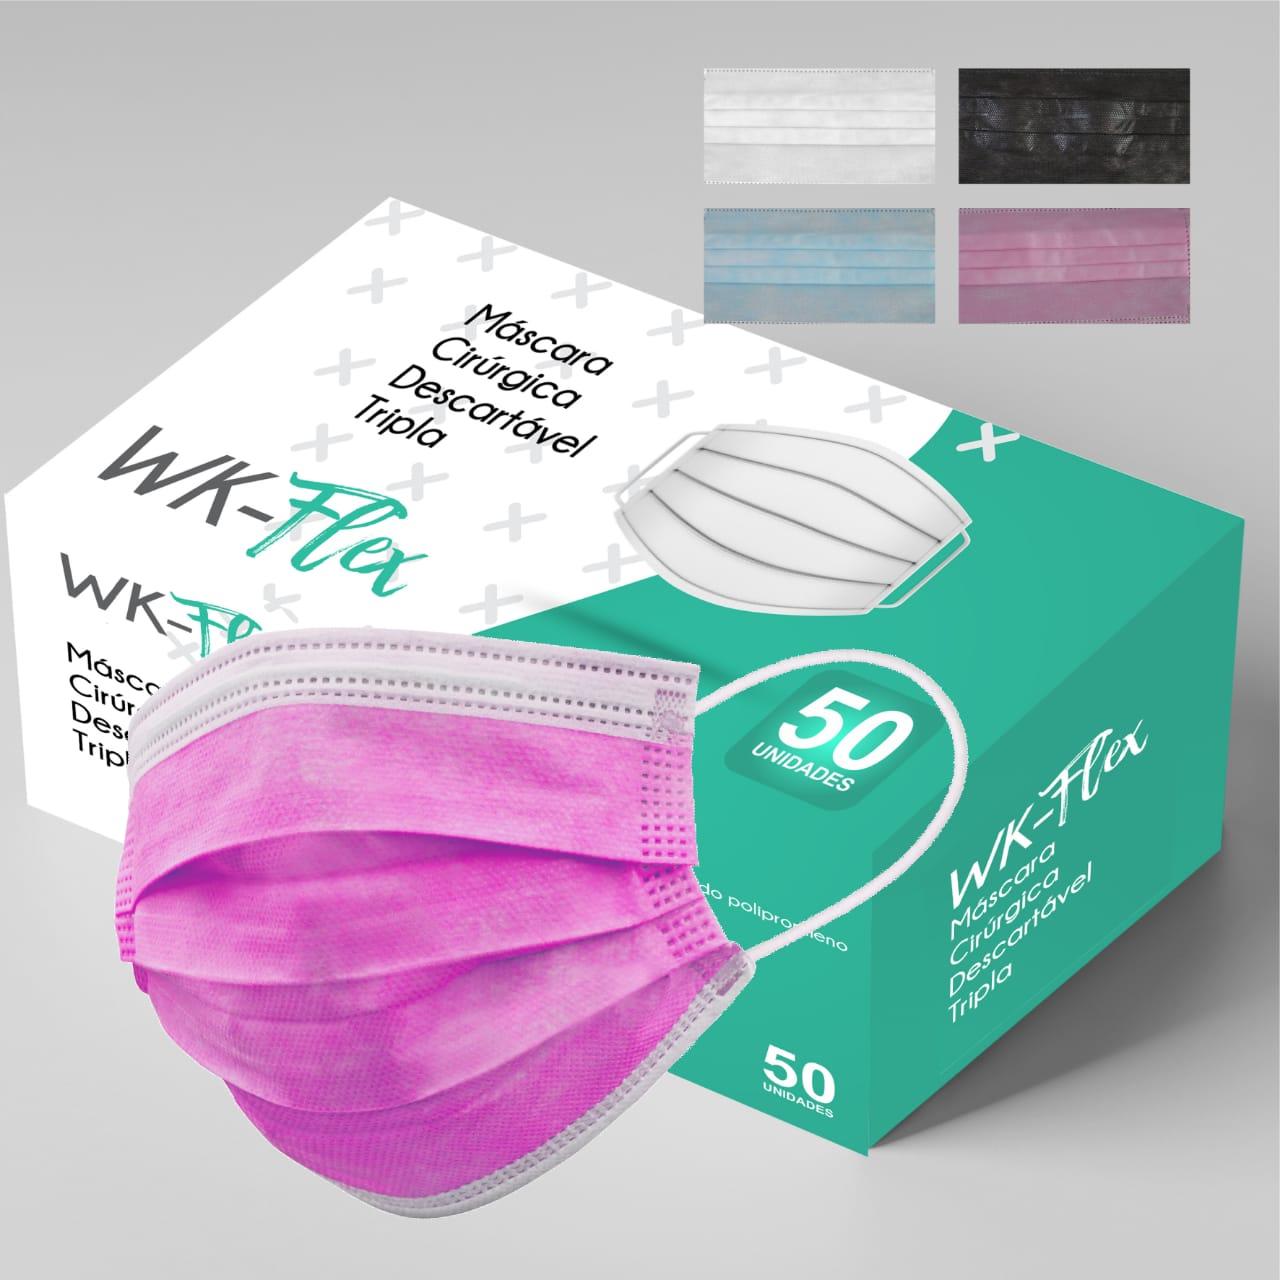 Máscara Tripla Proteção Descartável Rosa Caixa com 50 - WK-Flex